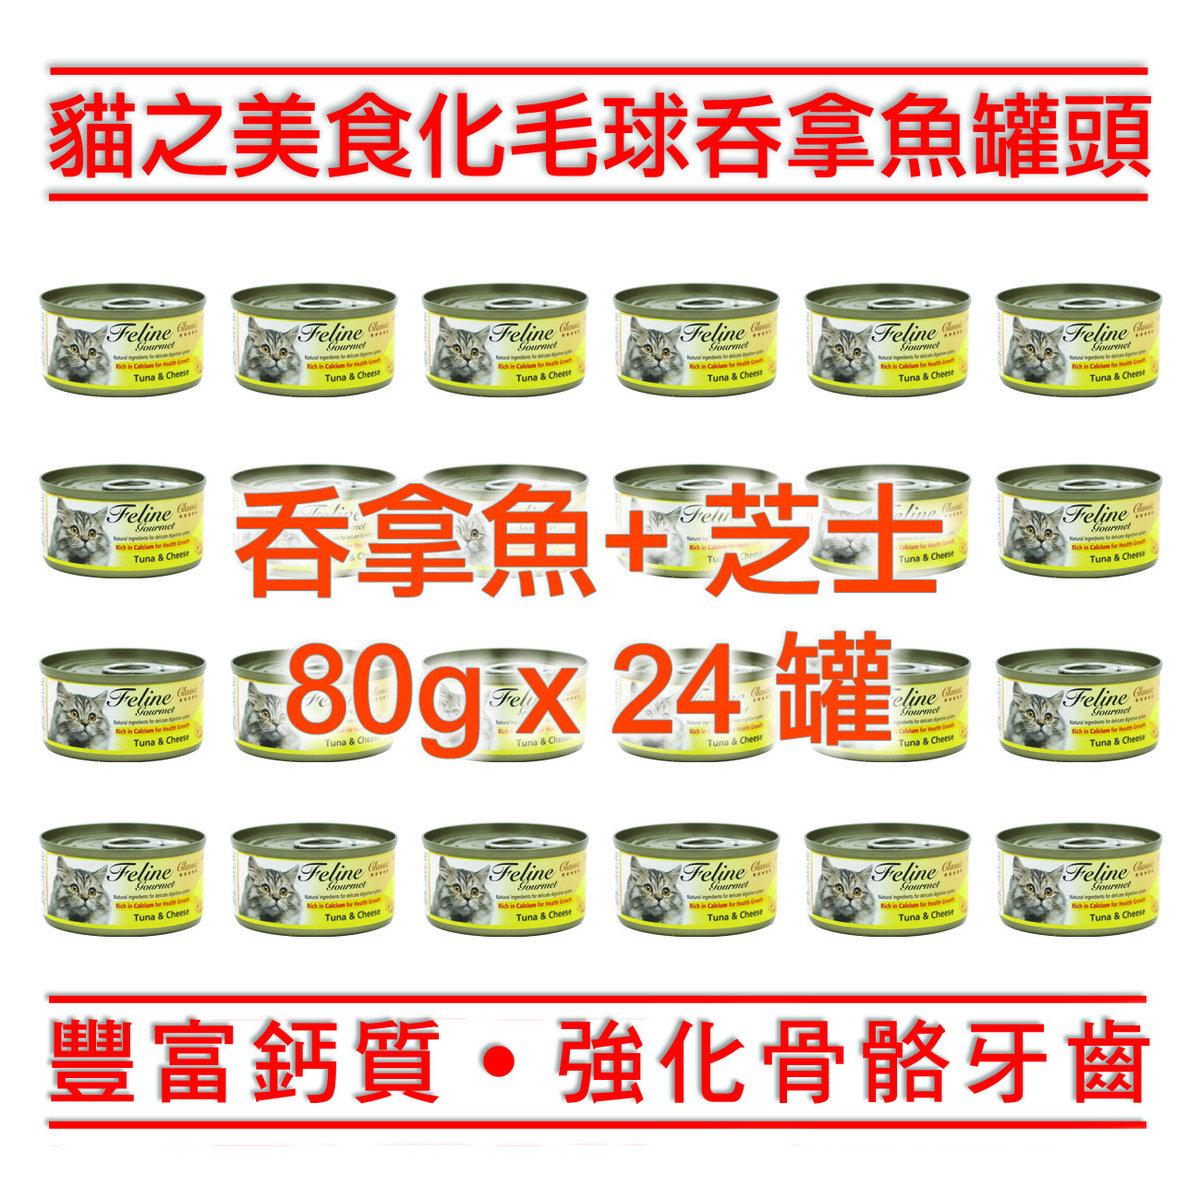 吞拿魚+芝士 - 化毛球 80g x 24 罐